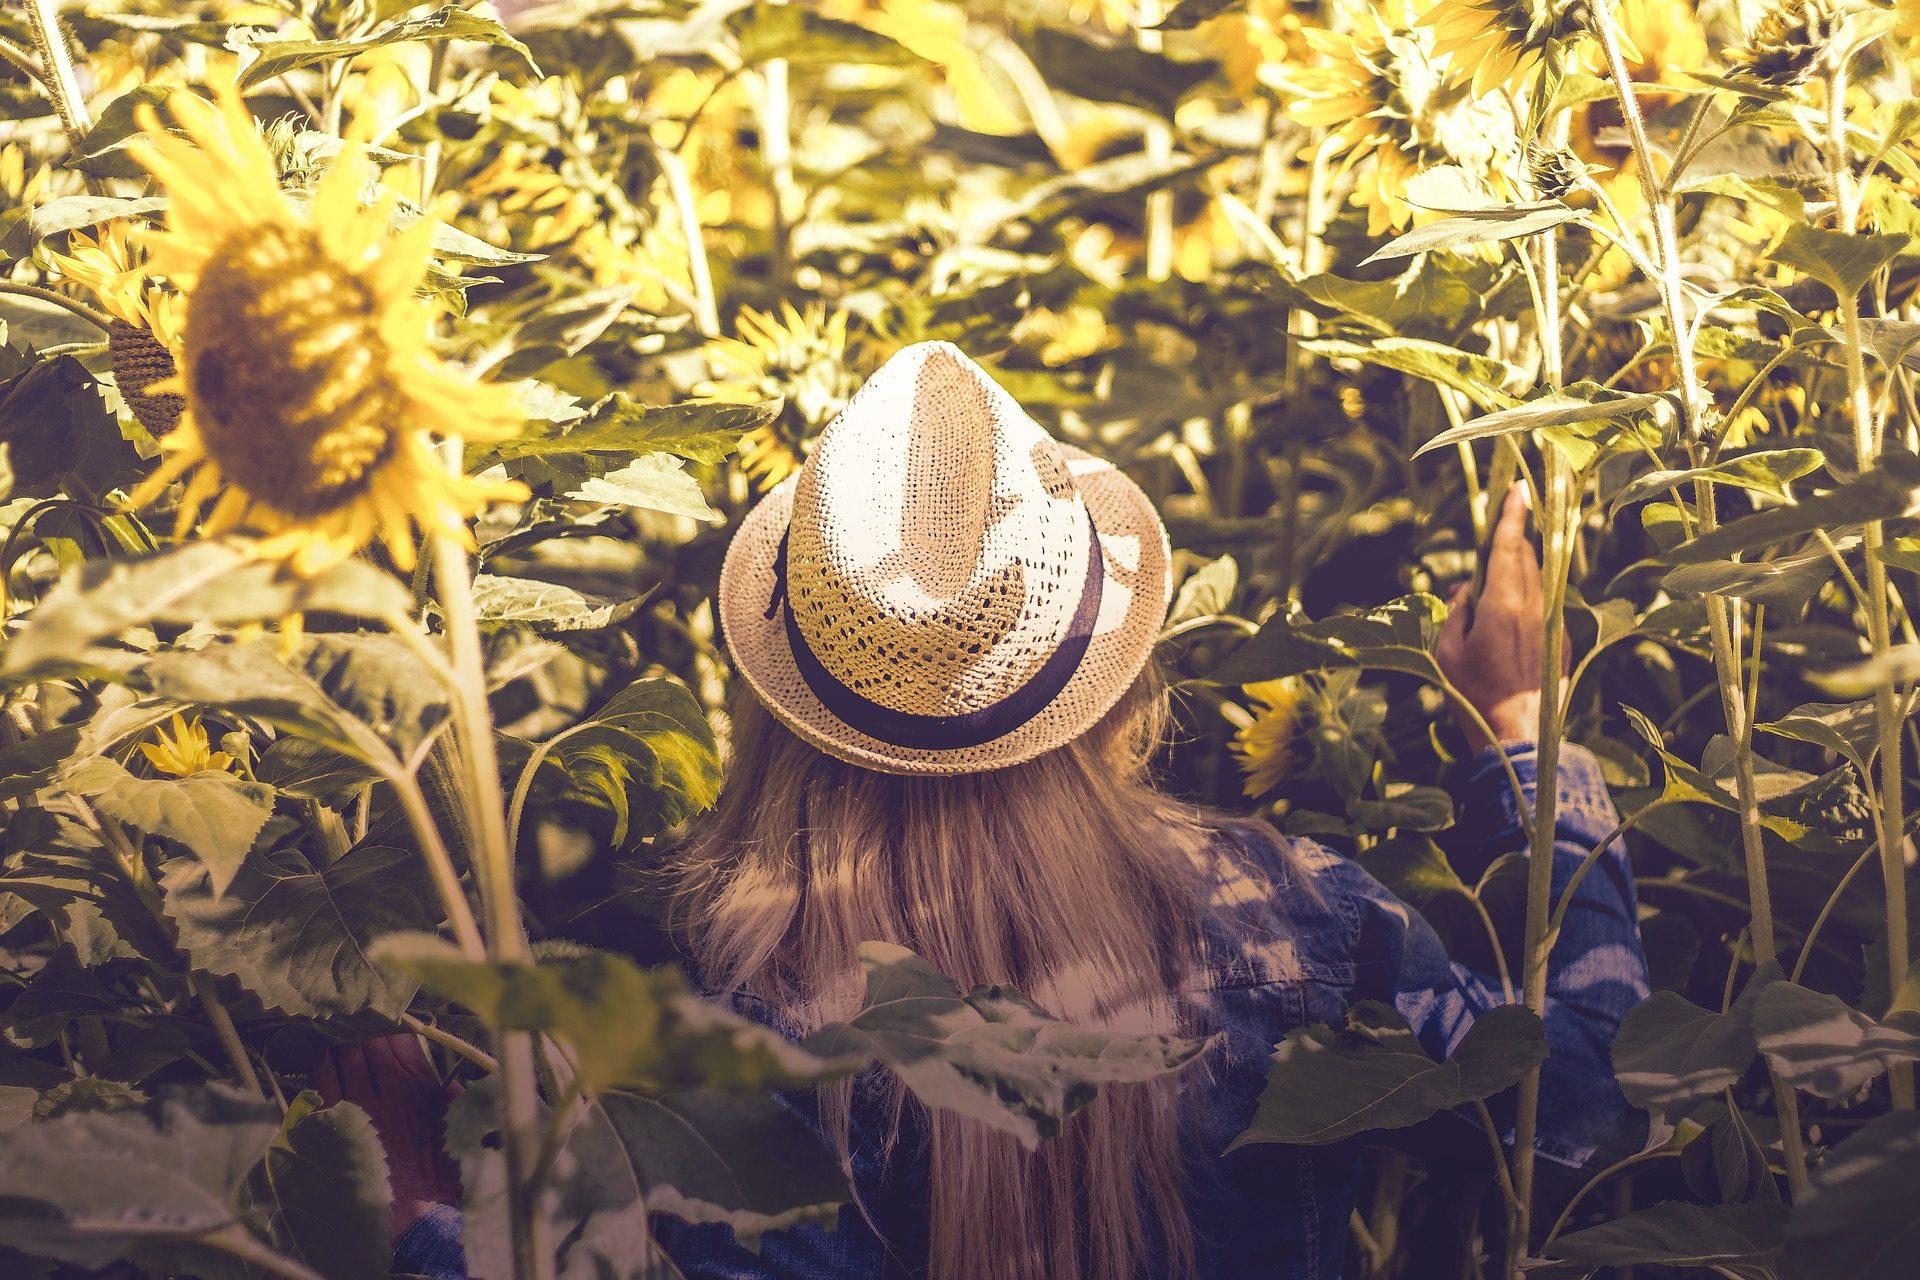 femme, jeune fille, domaine, Plantation, tournesols, sombrero, caché - Fonds d'écran HD - Professor-falken.com